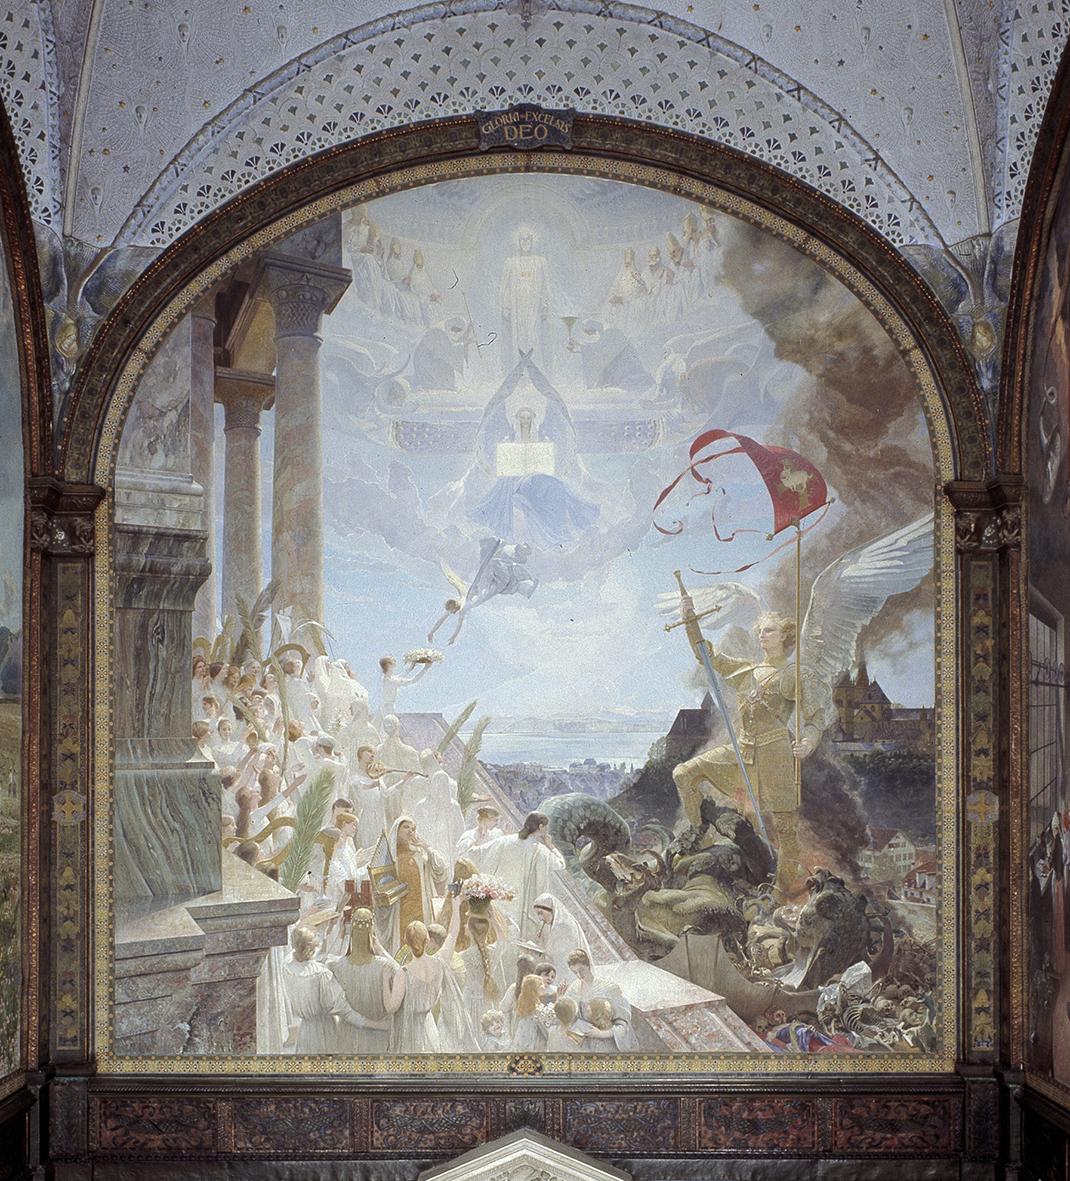 Panneau de Neuchâtel, réalisé par Léo-Paul Robert